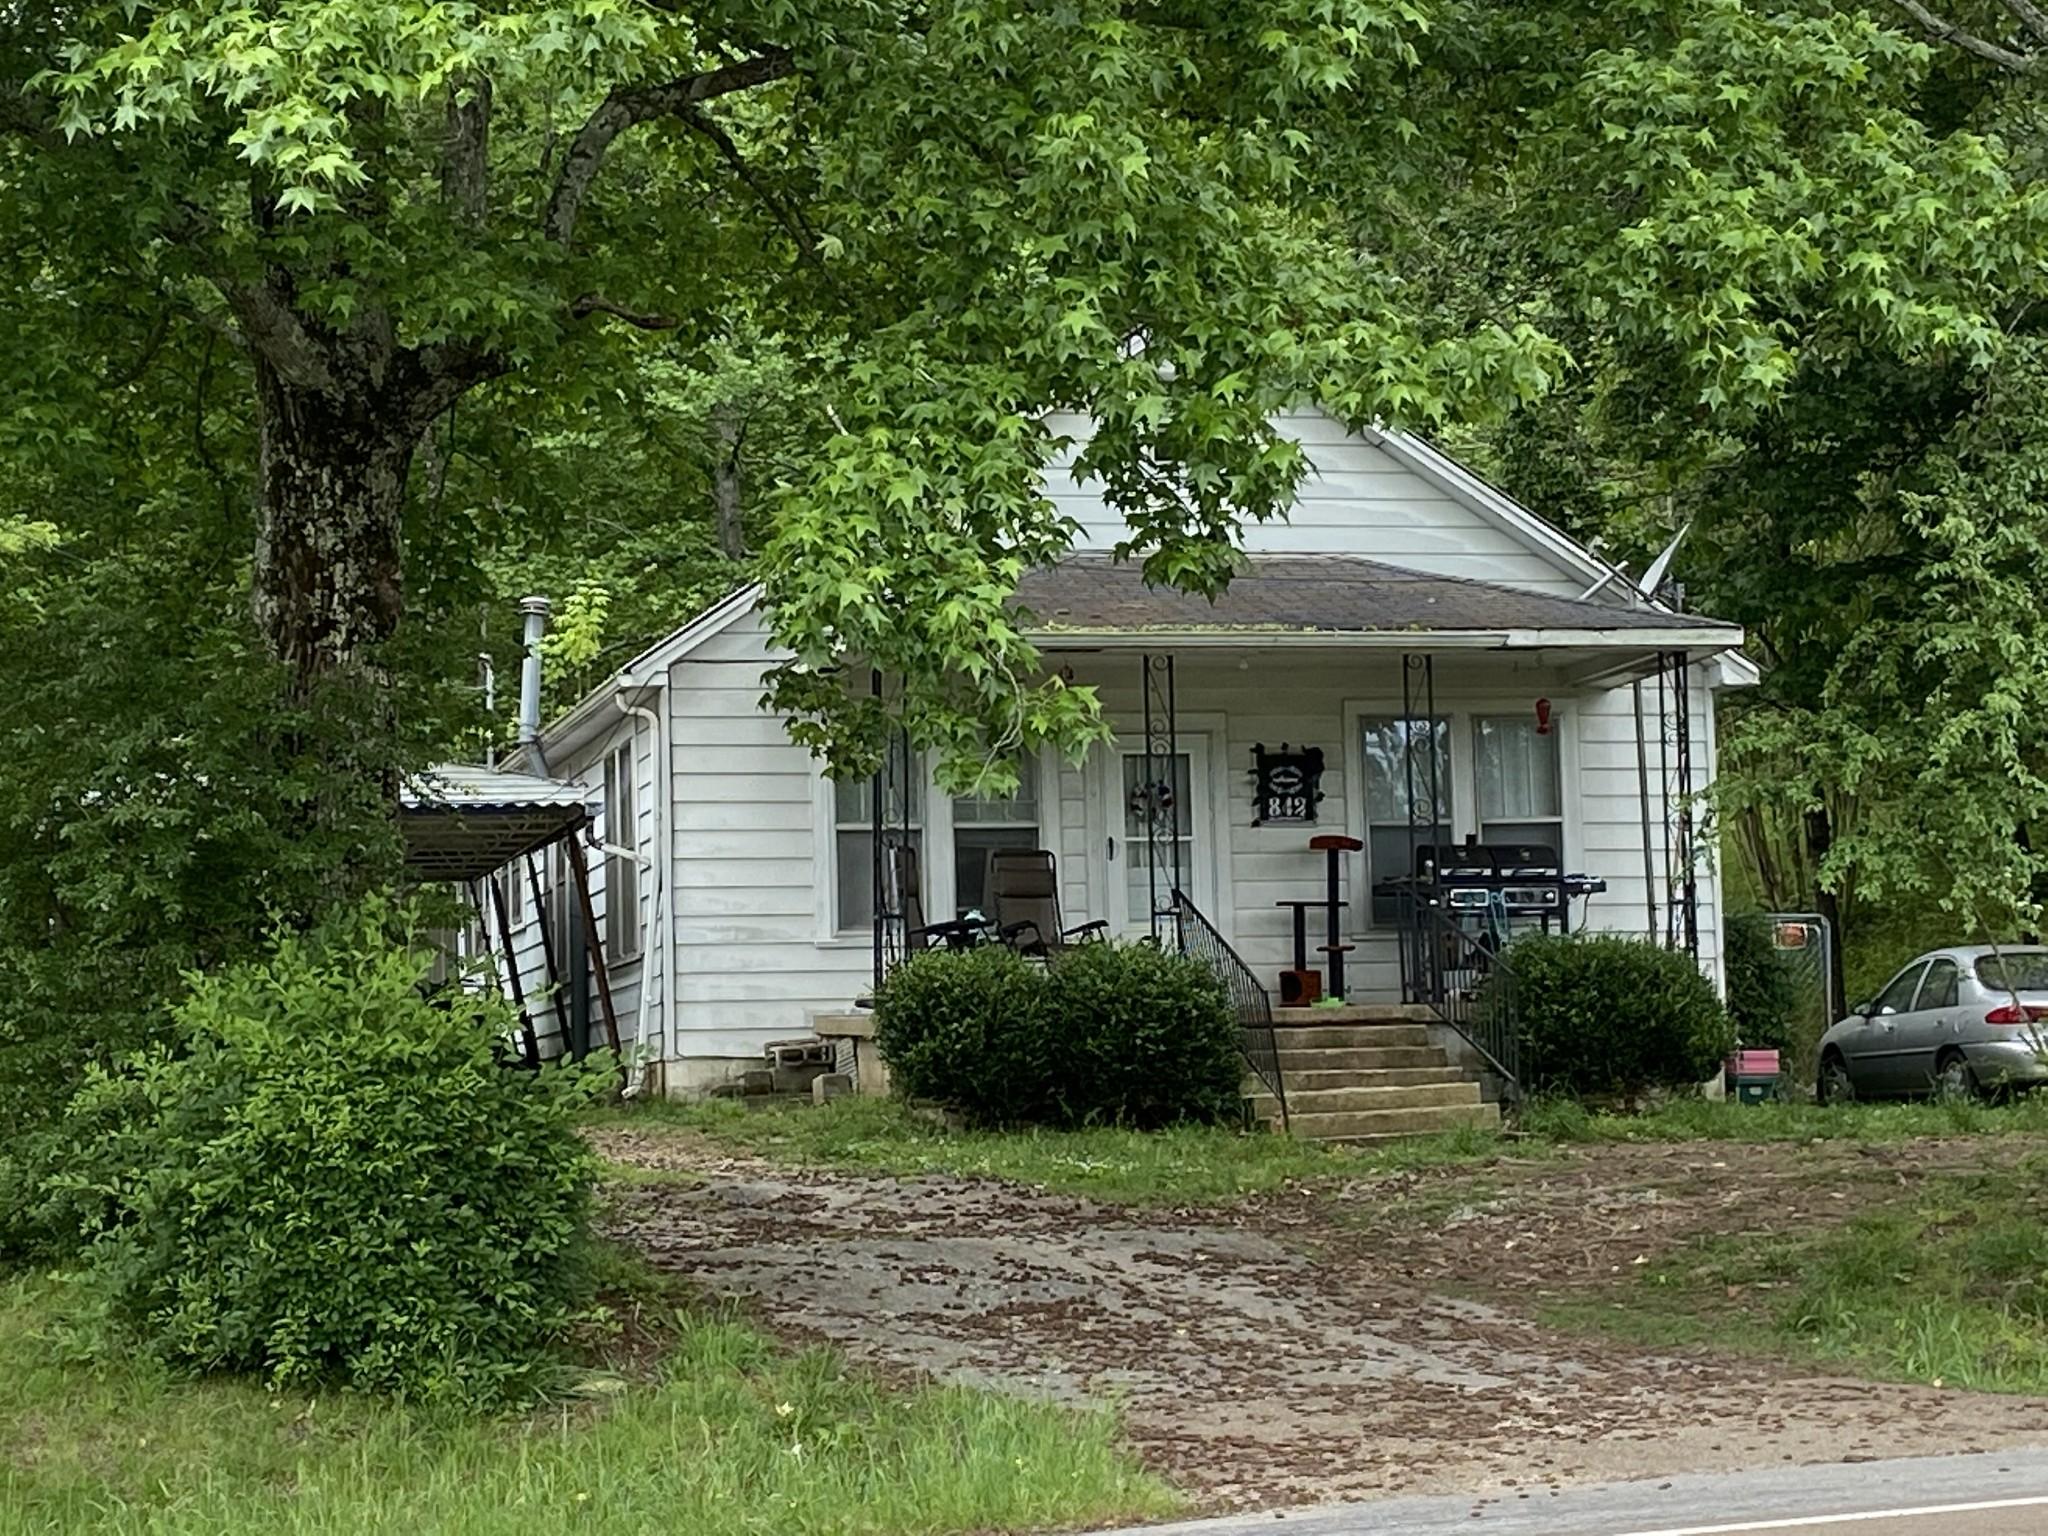 842 Collinwood Hwy, S, Waynesboro, TN 38485 - Waynesboro, TN real estate listing